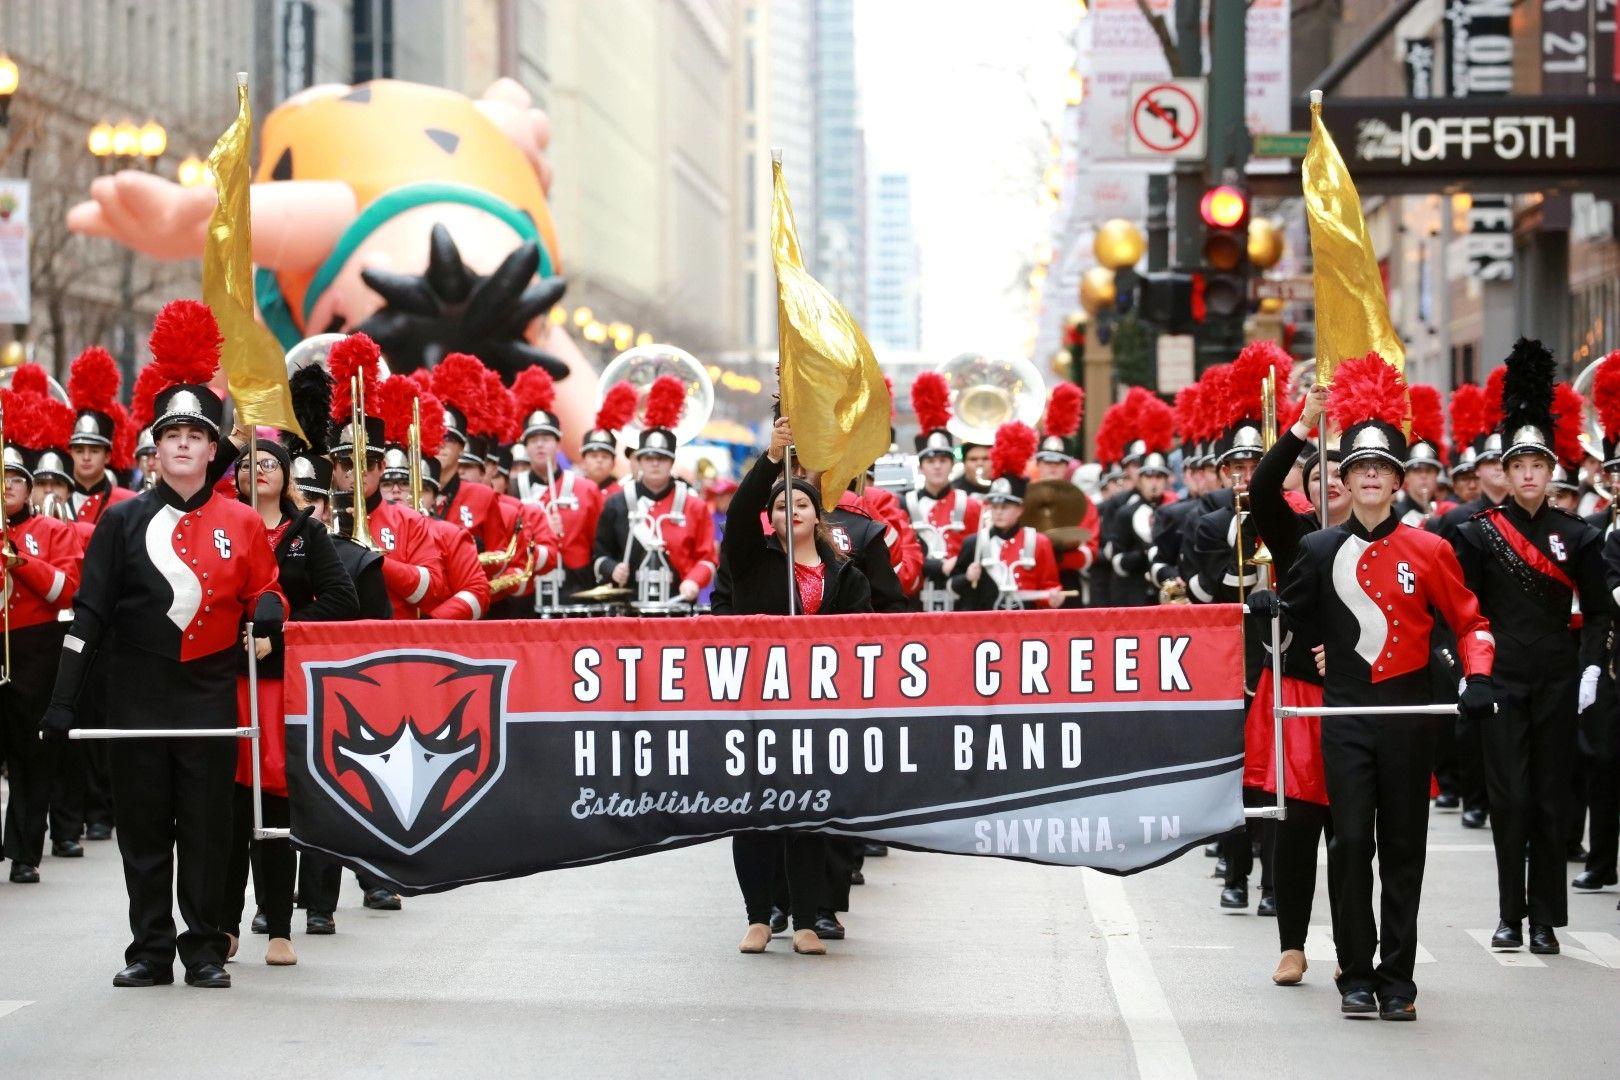 Училищна музика взе участие в шествието в Чикаго